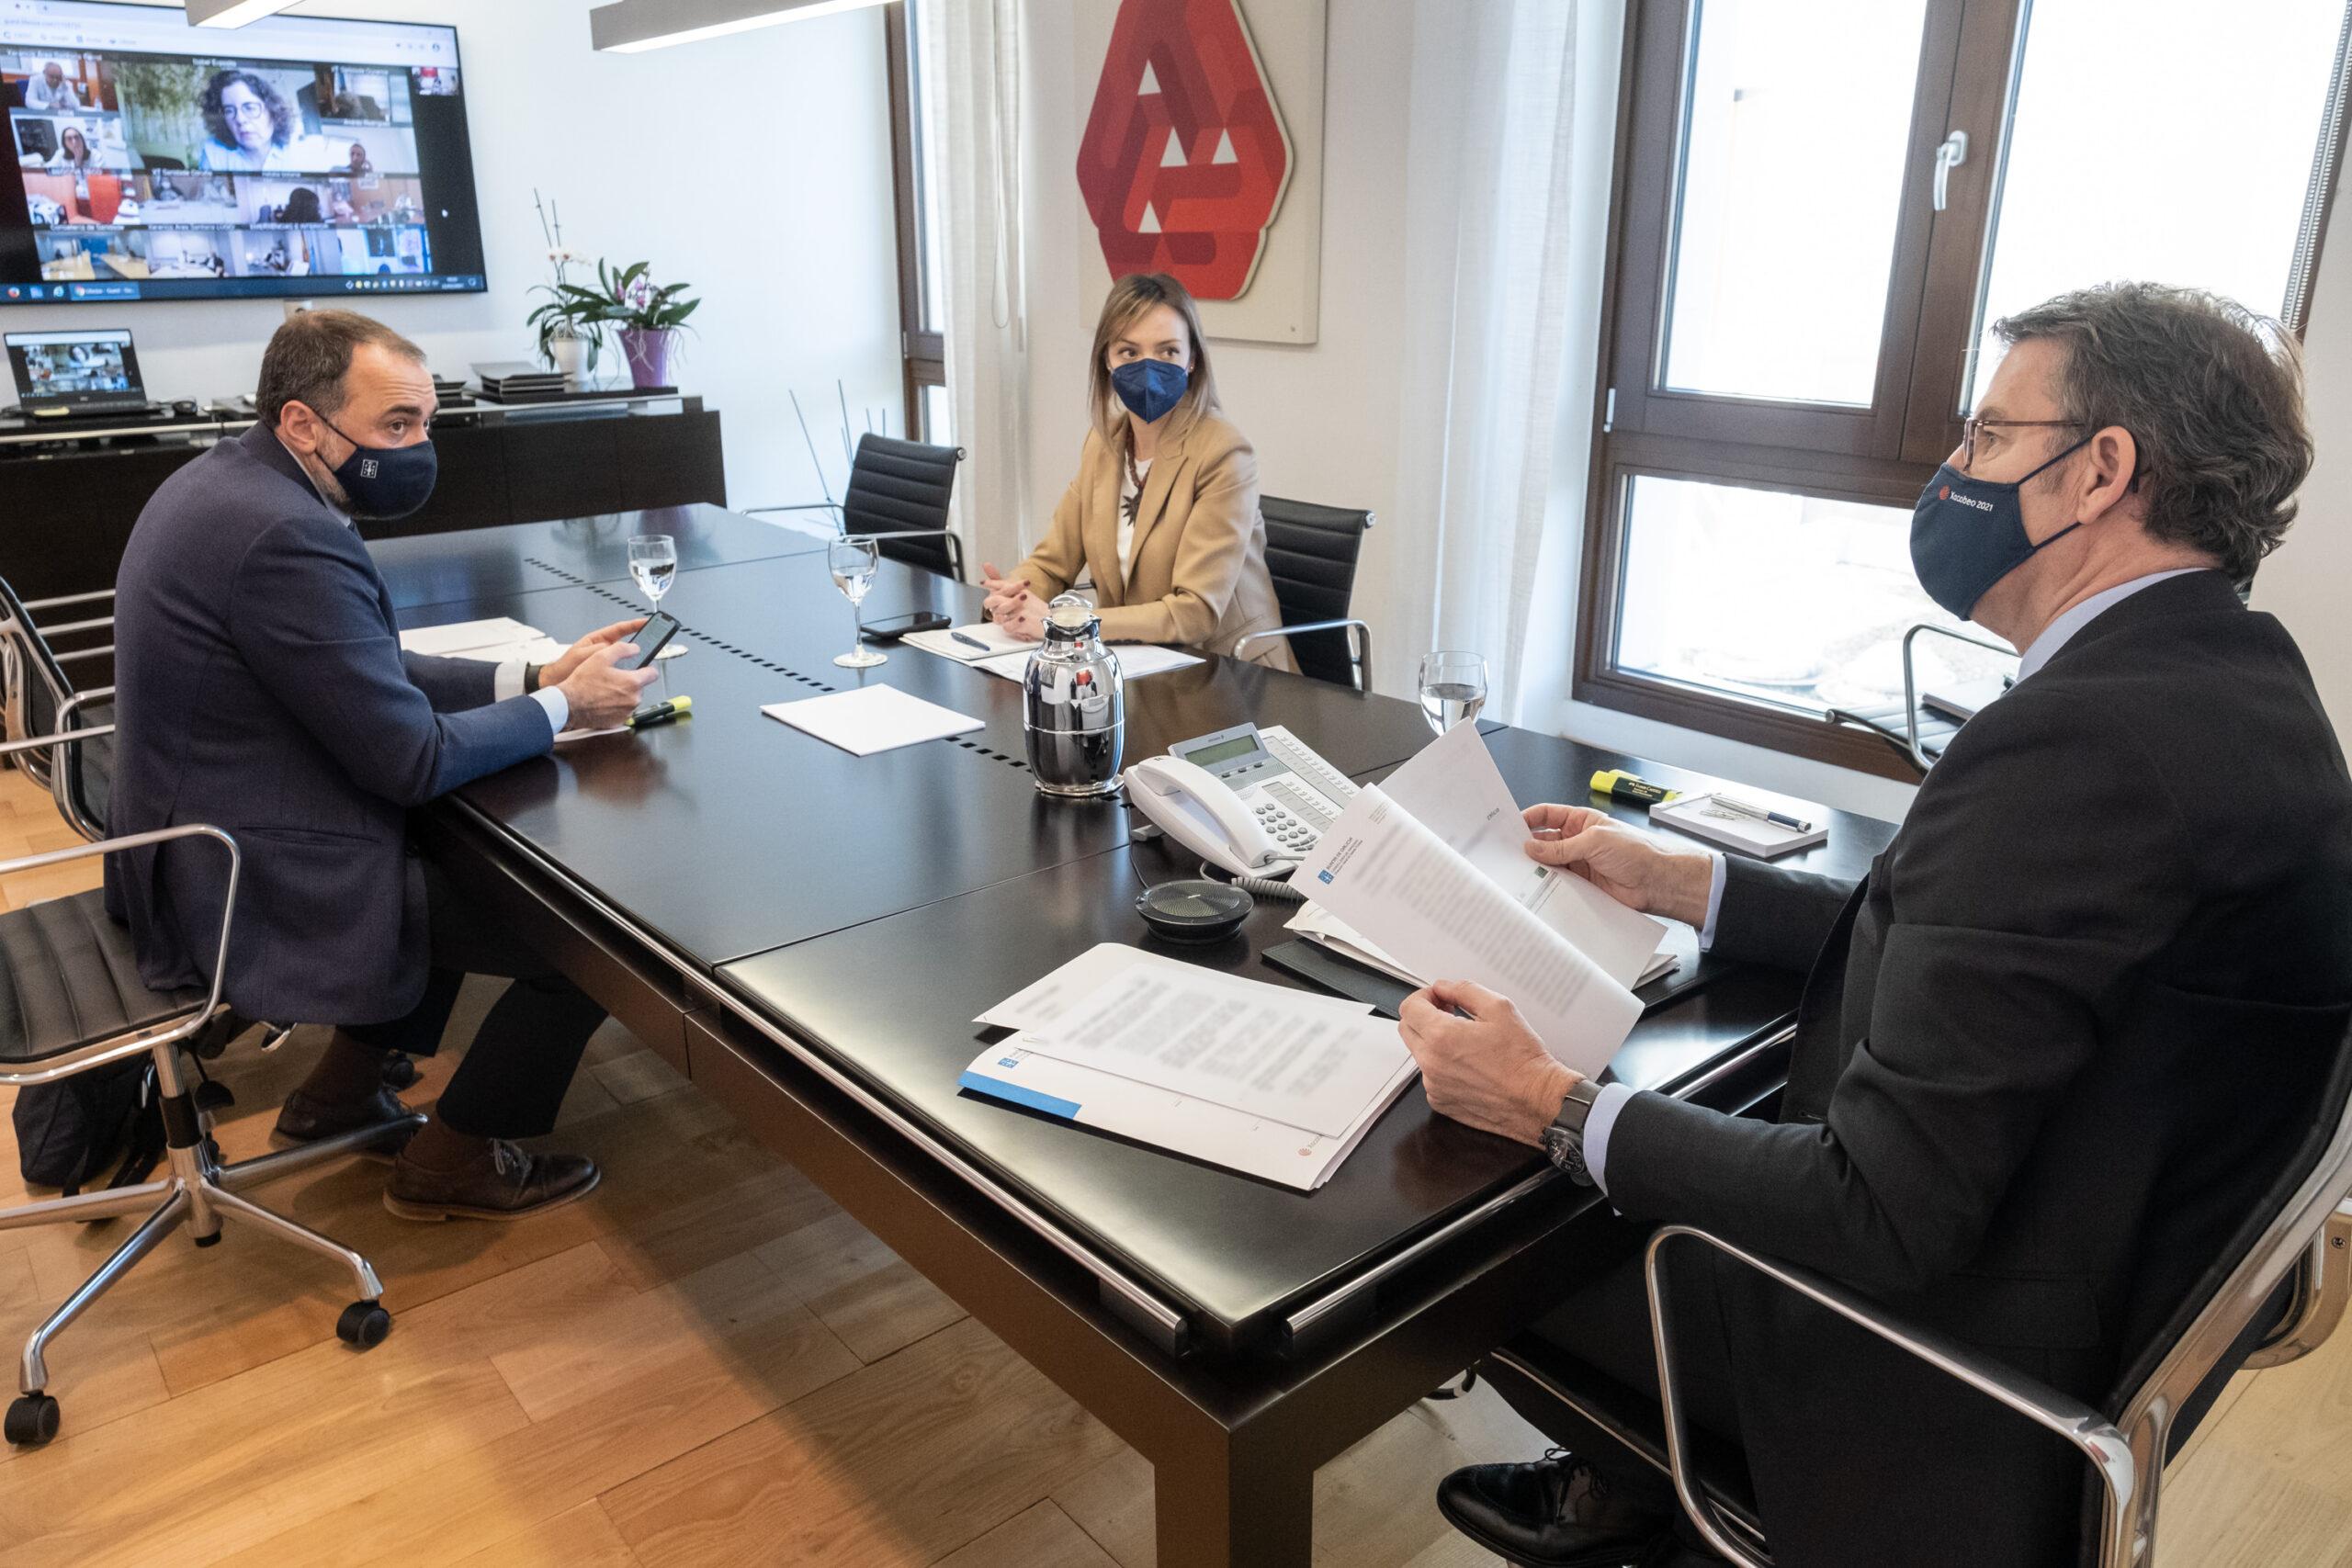 El titular del Gobierno gallego, Alberto Núñez Feijóo, se reúne por videoconferencia con el comité clínico de expertos sanitarios.